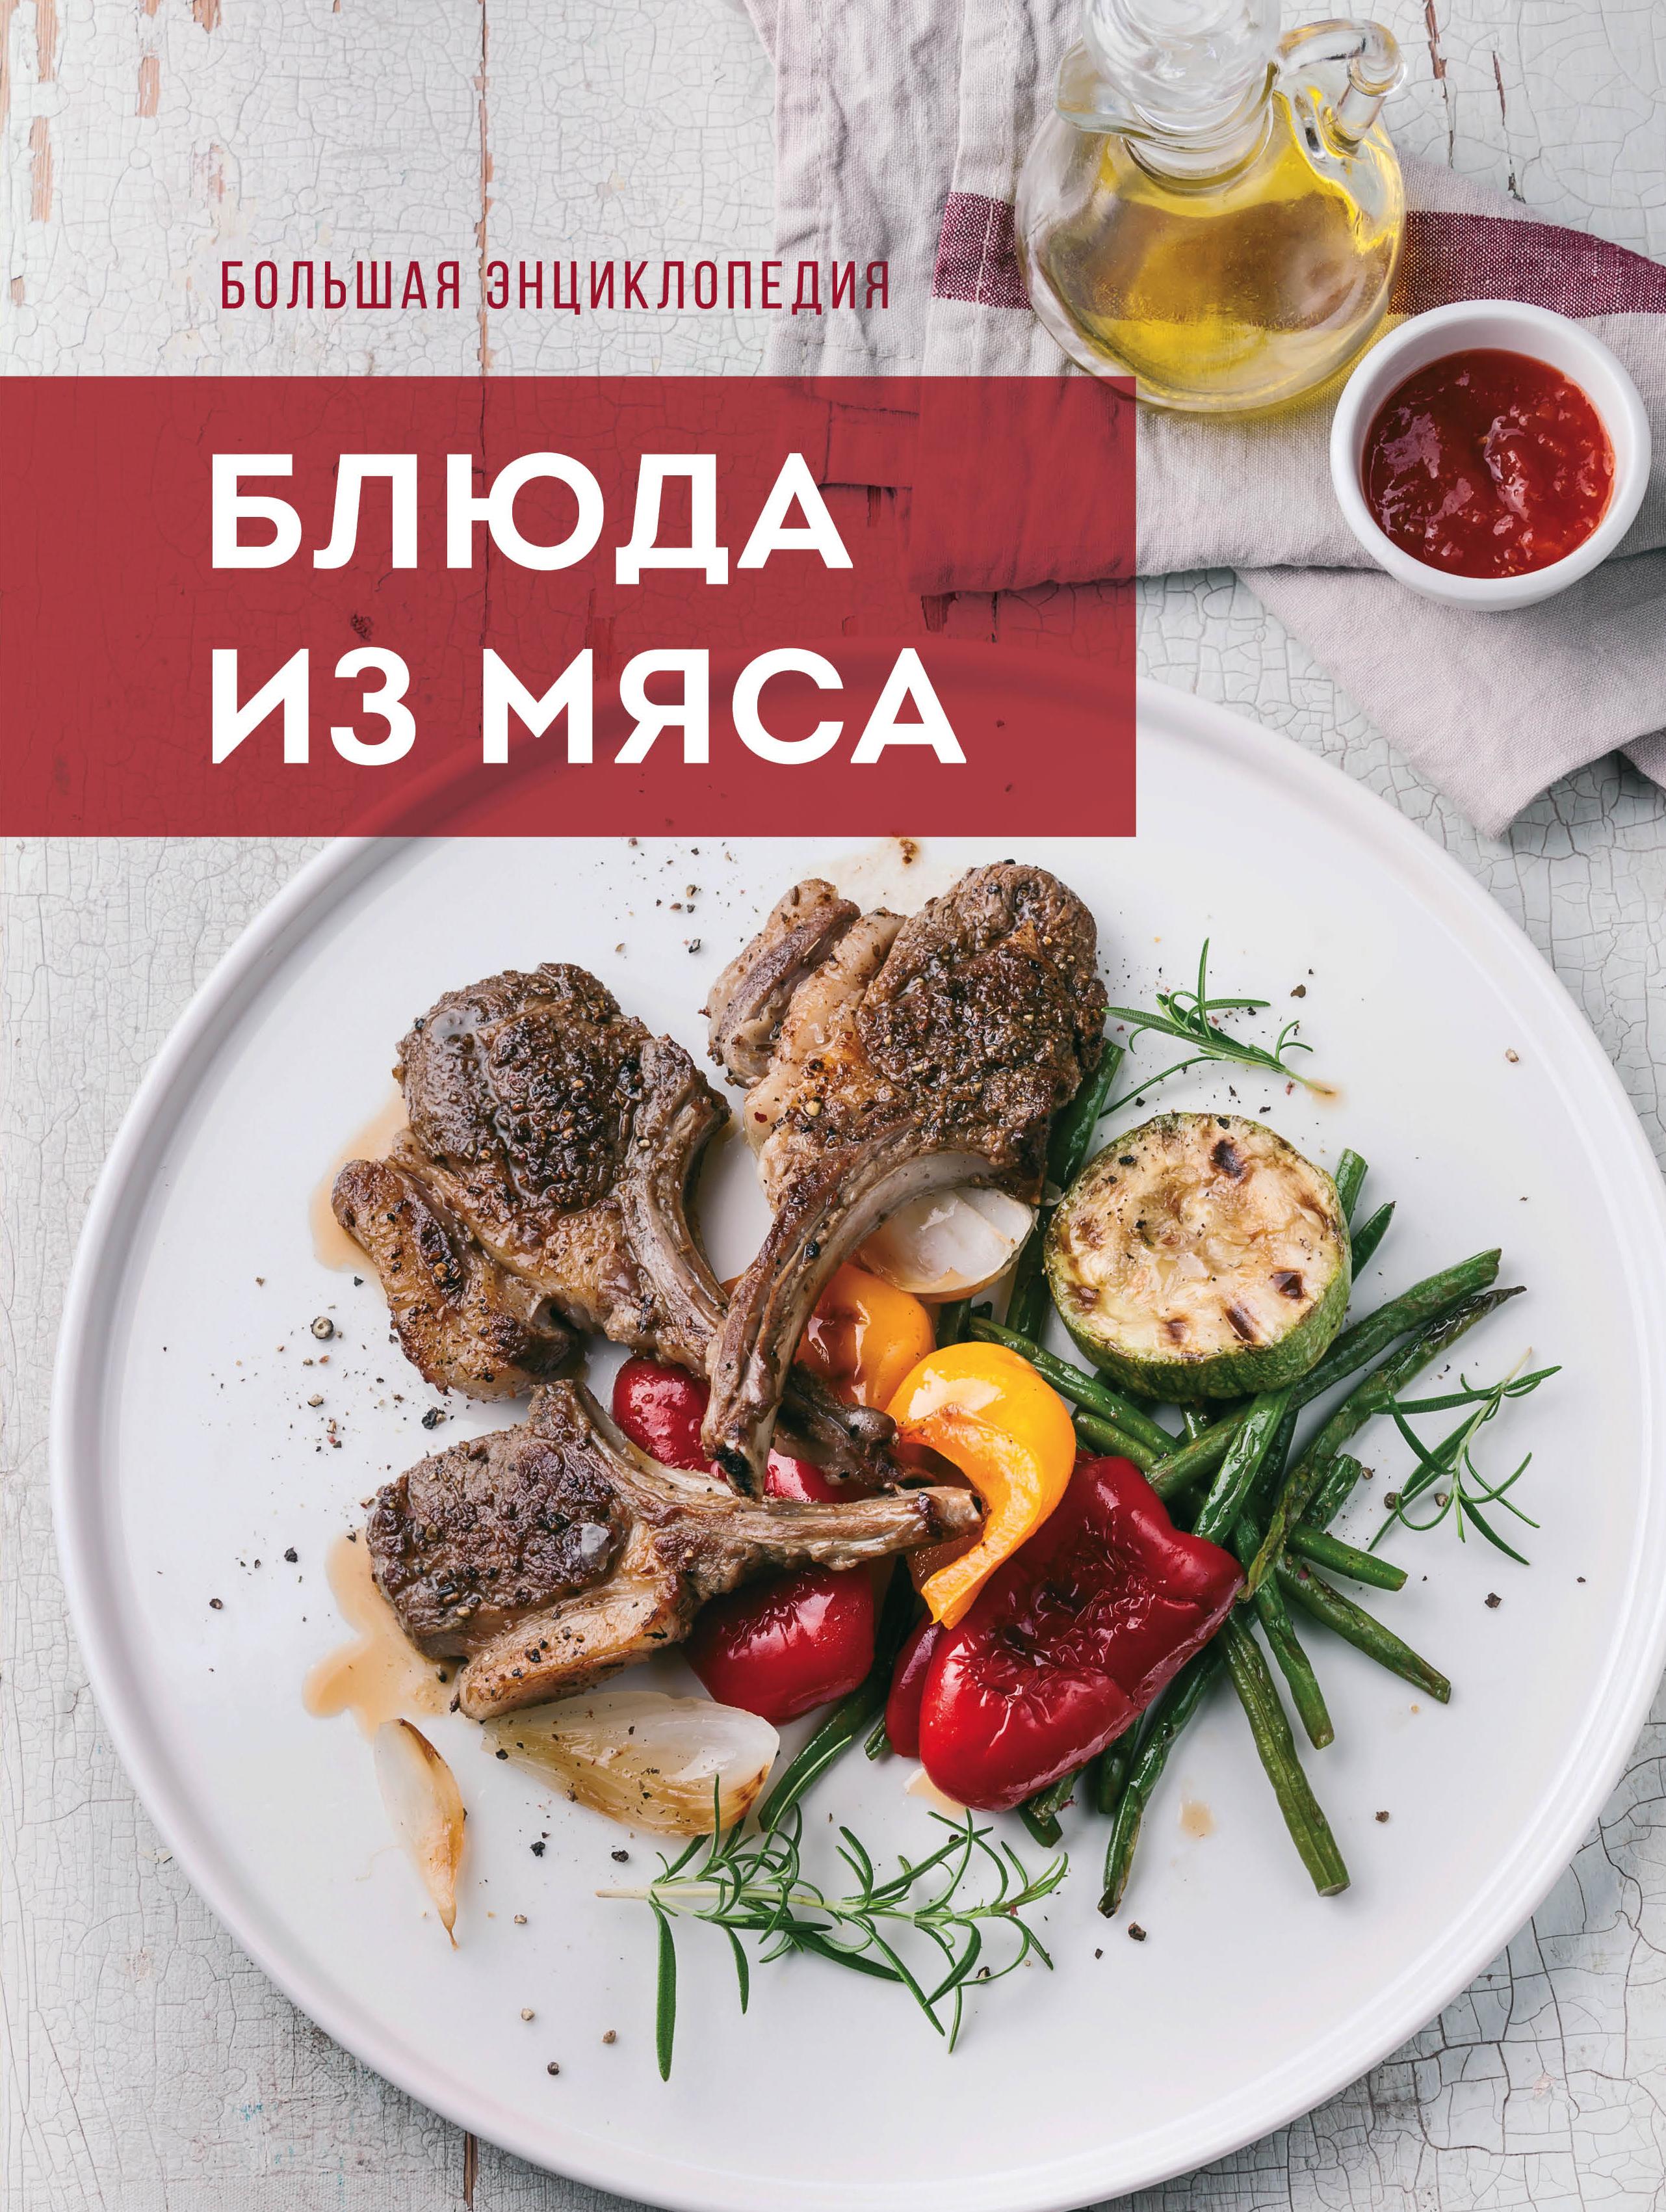 Рецепты кулинарные блюда из мяса